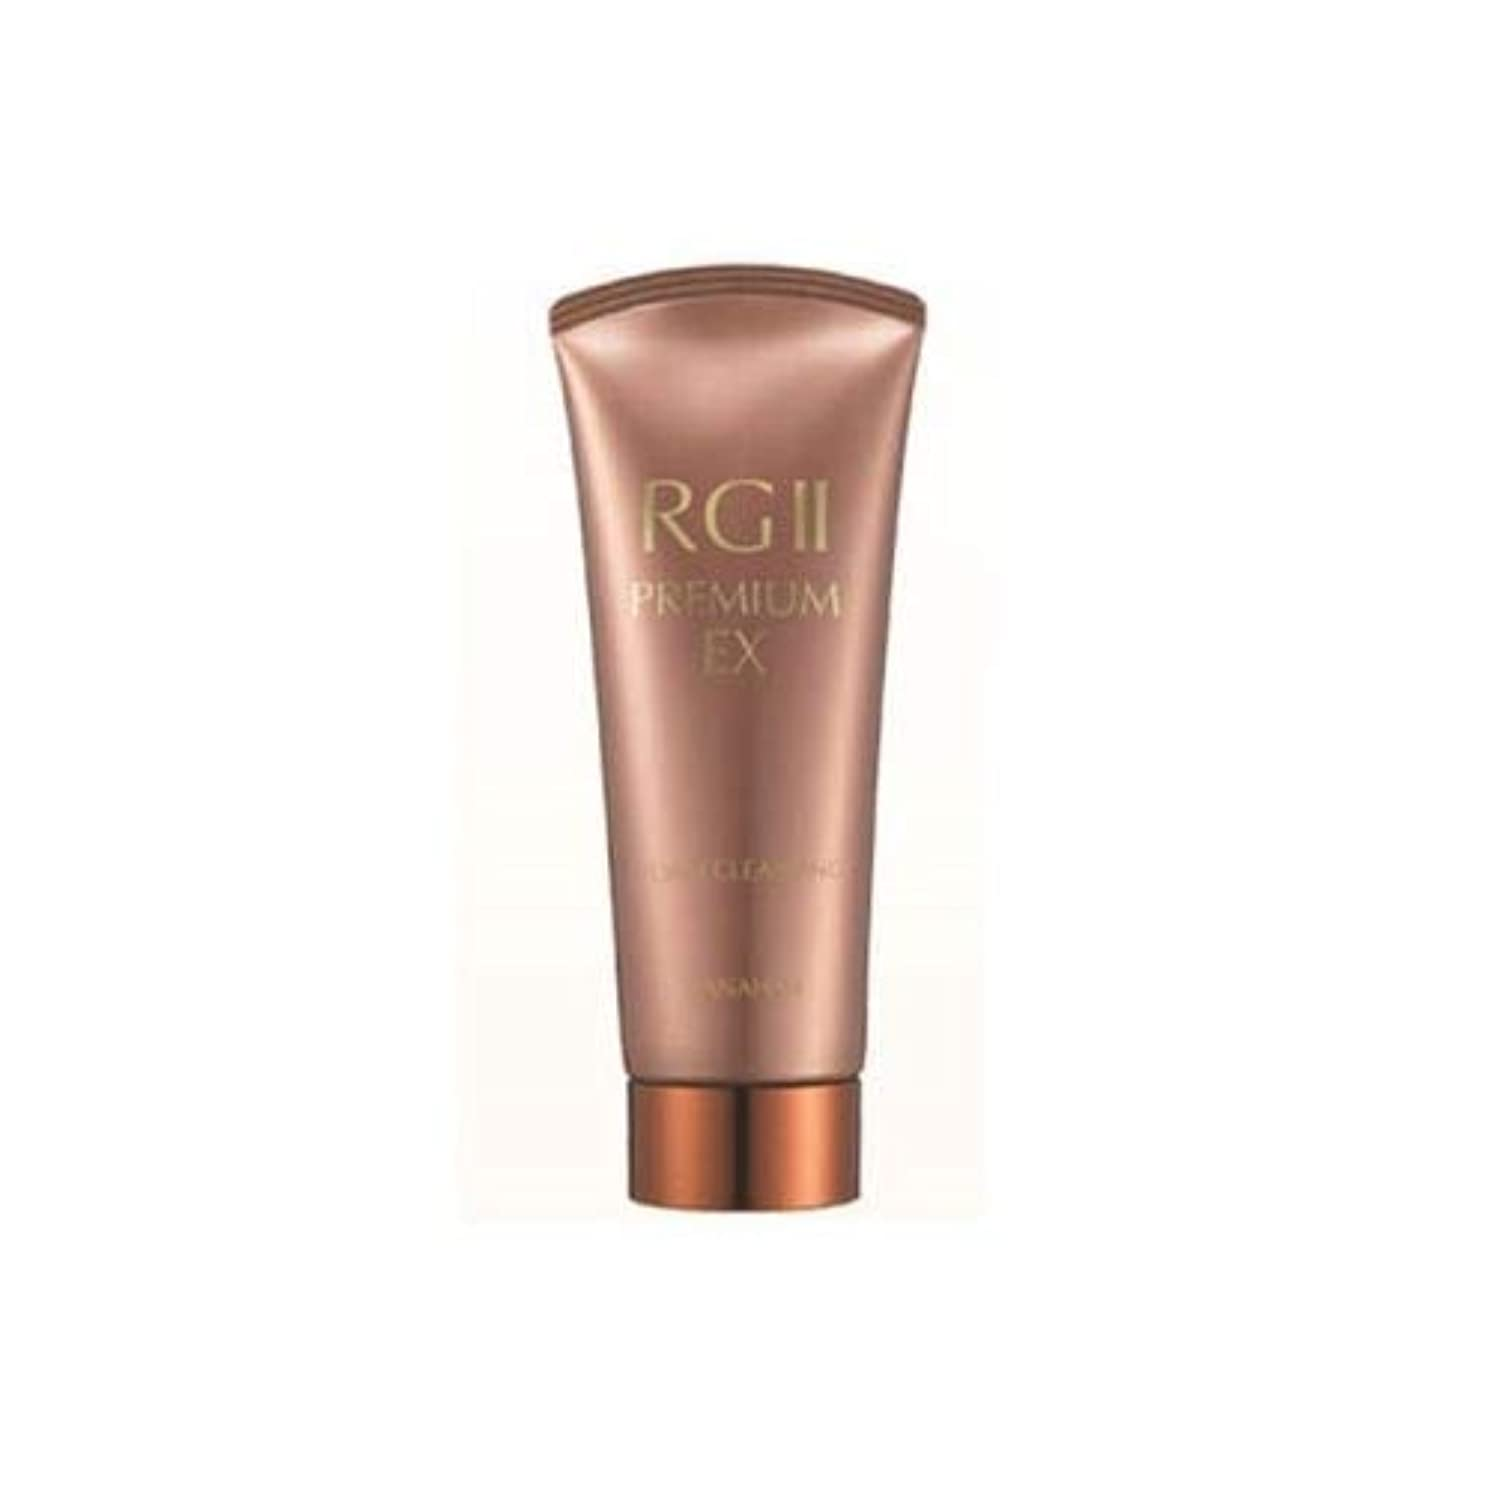 クレーター細心のブラザーDanahan RGll Premium EX Foam Cleansing 多娜嫺 (ダナハン) RGll プレミアム EX フォームクレンジング 200ml [並行輸入品]